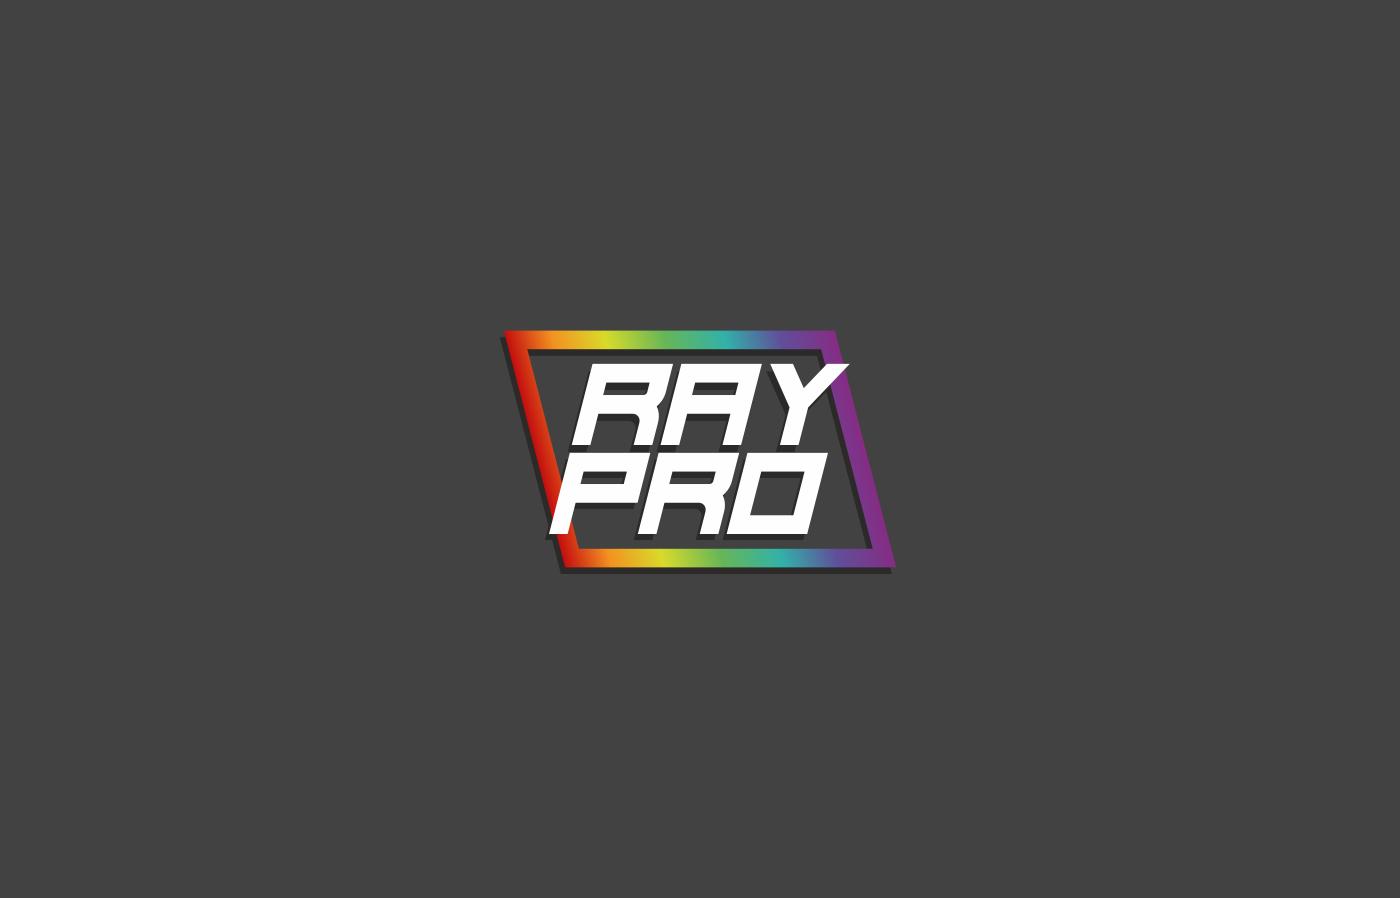 Разработка логотипа (продукт - светодиодная лента) фото f_2705bc0ae68db419.png